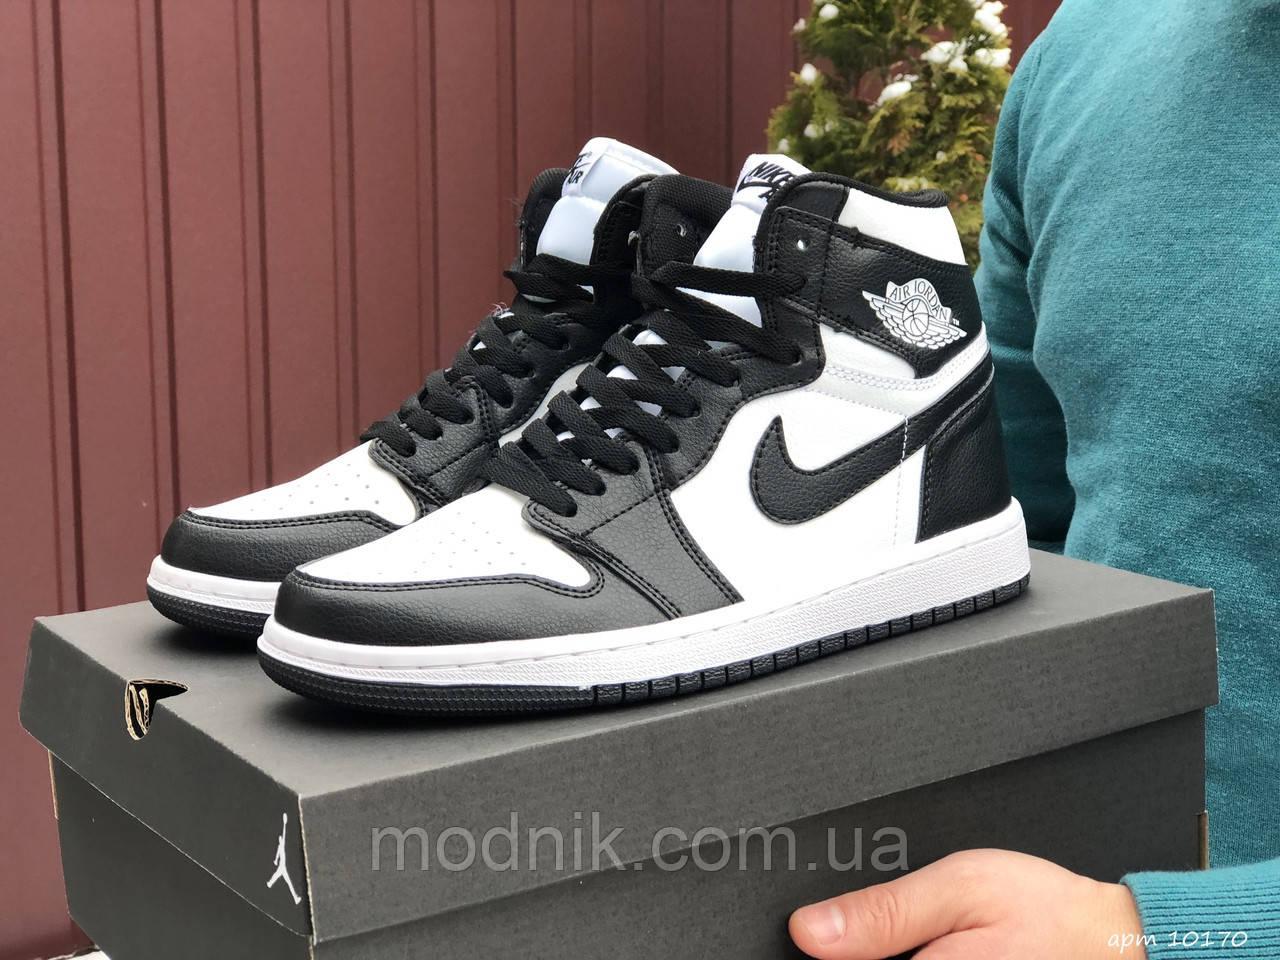 Чоловічі демісезонні кросівки Nike Air Jordan (чорно-білі) повсякденне взуття 10170